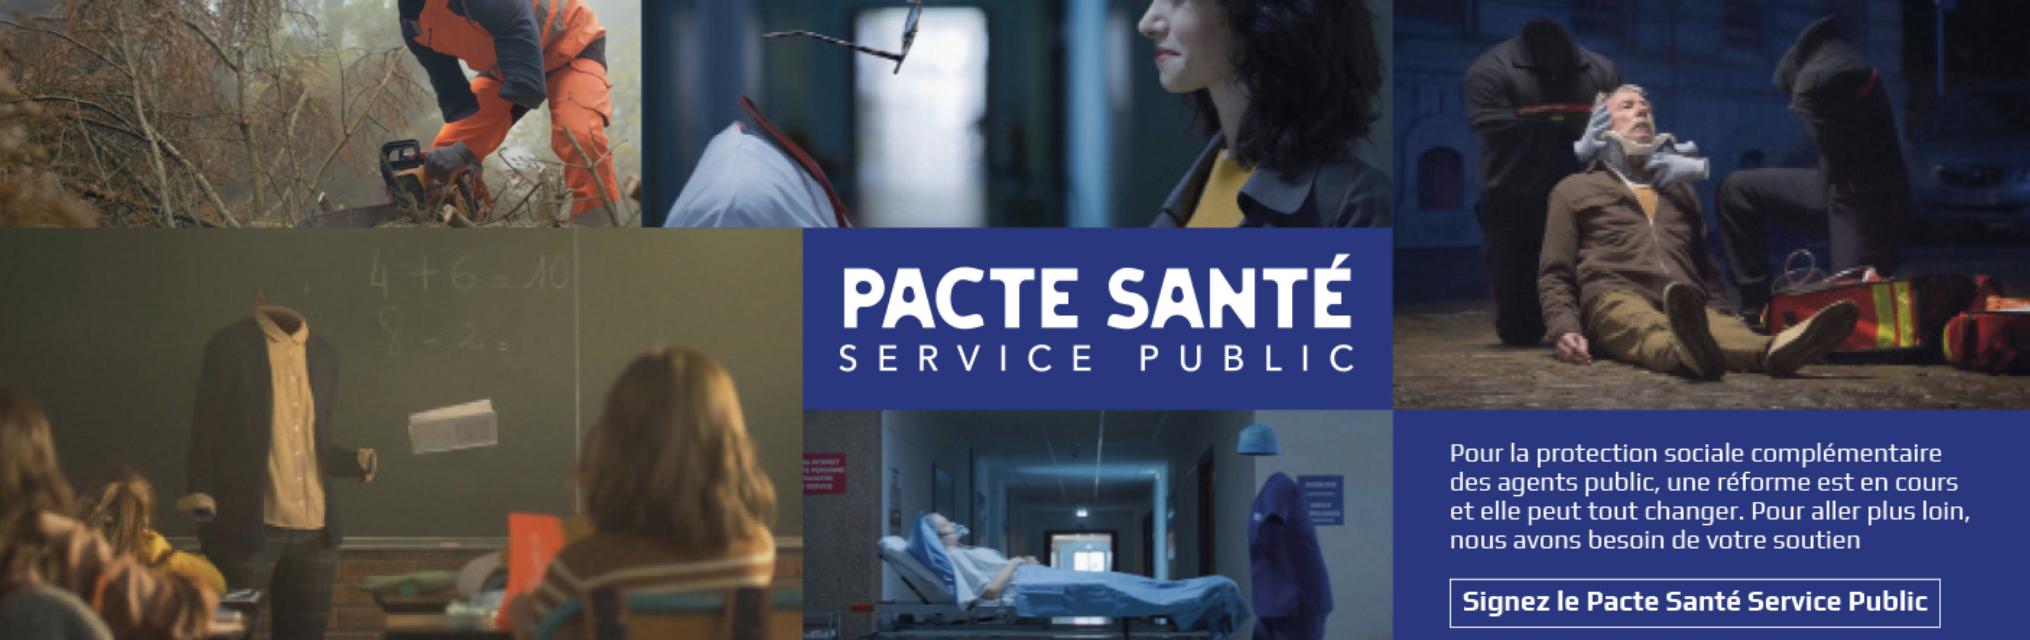 L'actu de la semaine, Pacte Santé Service Public